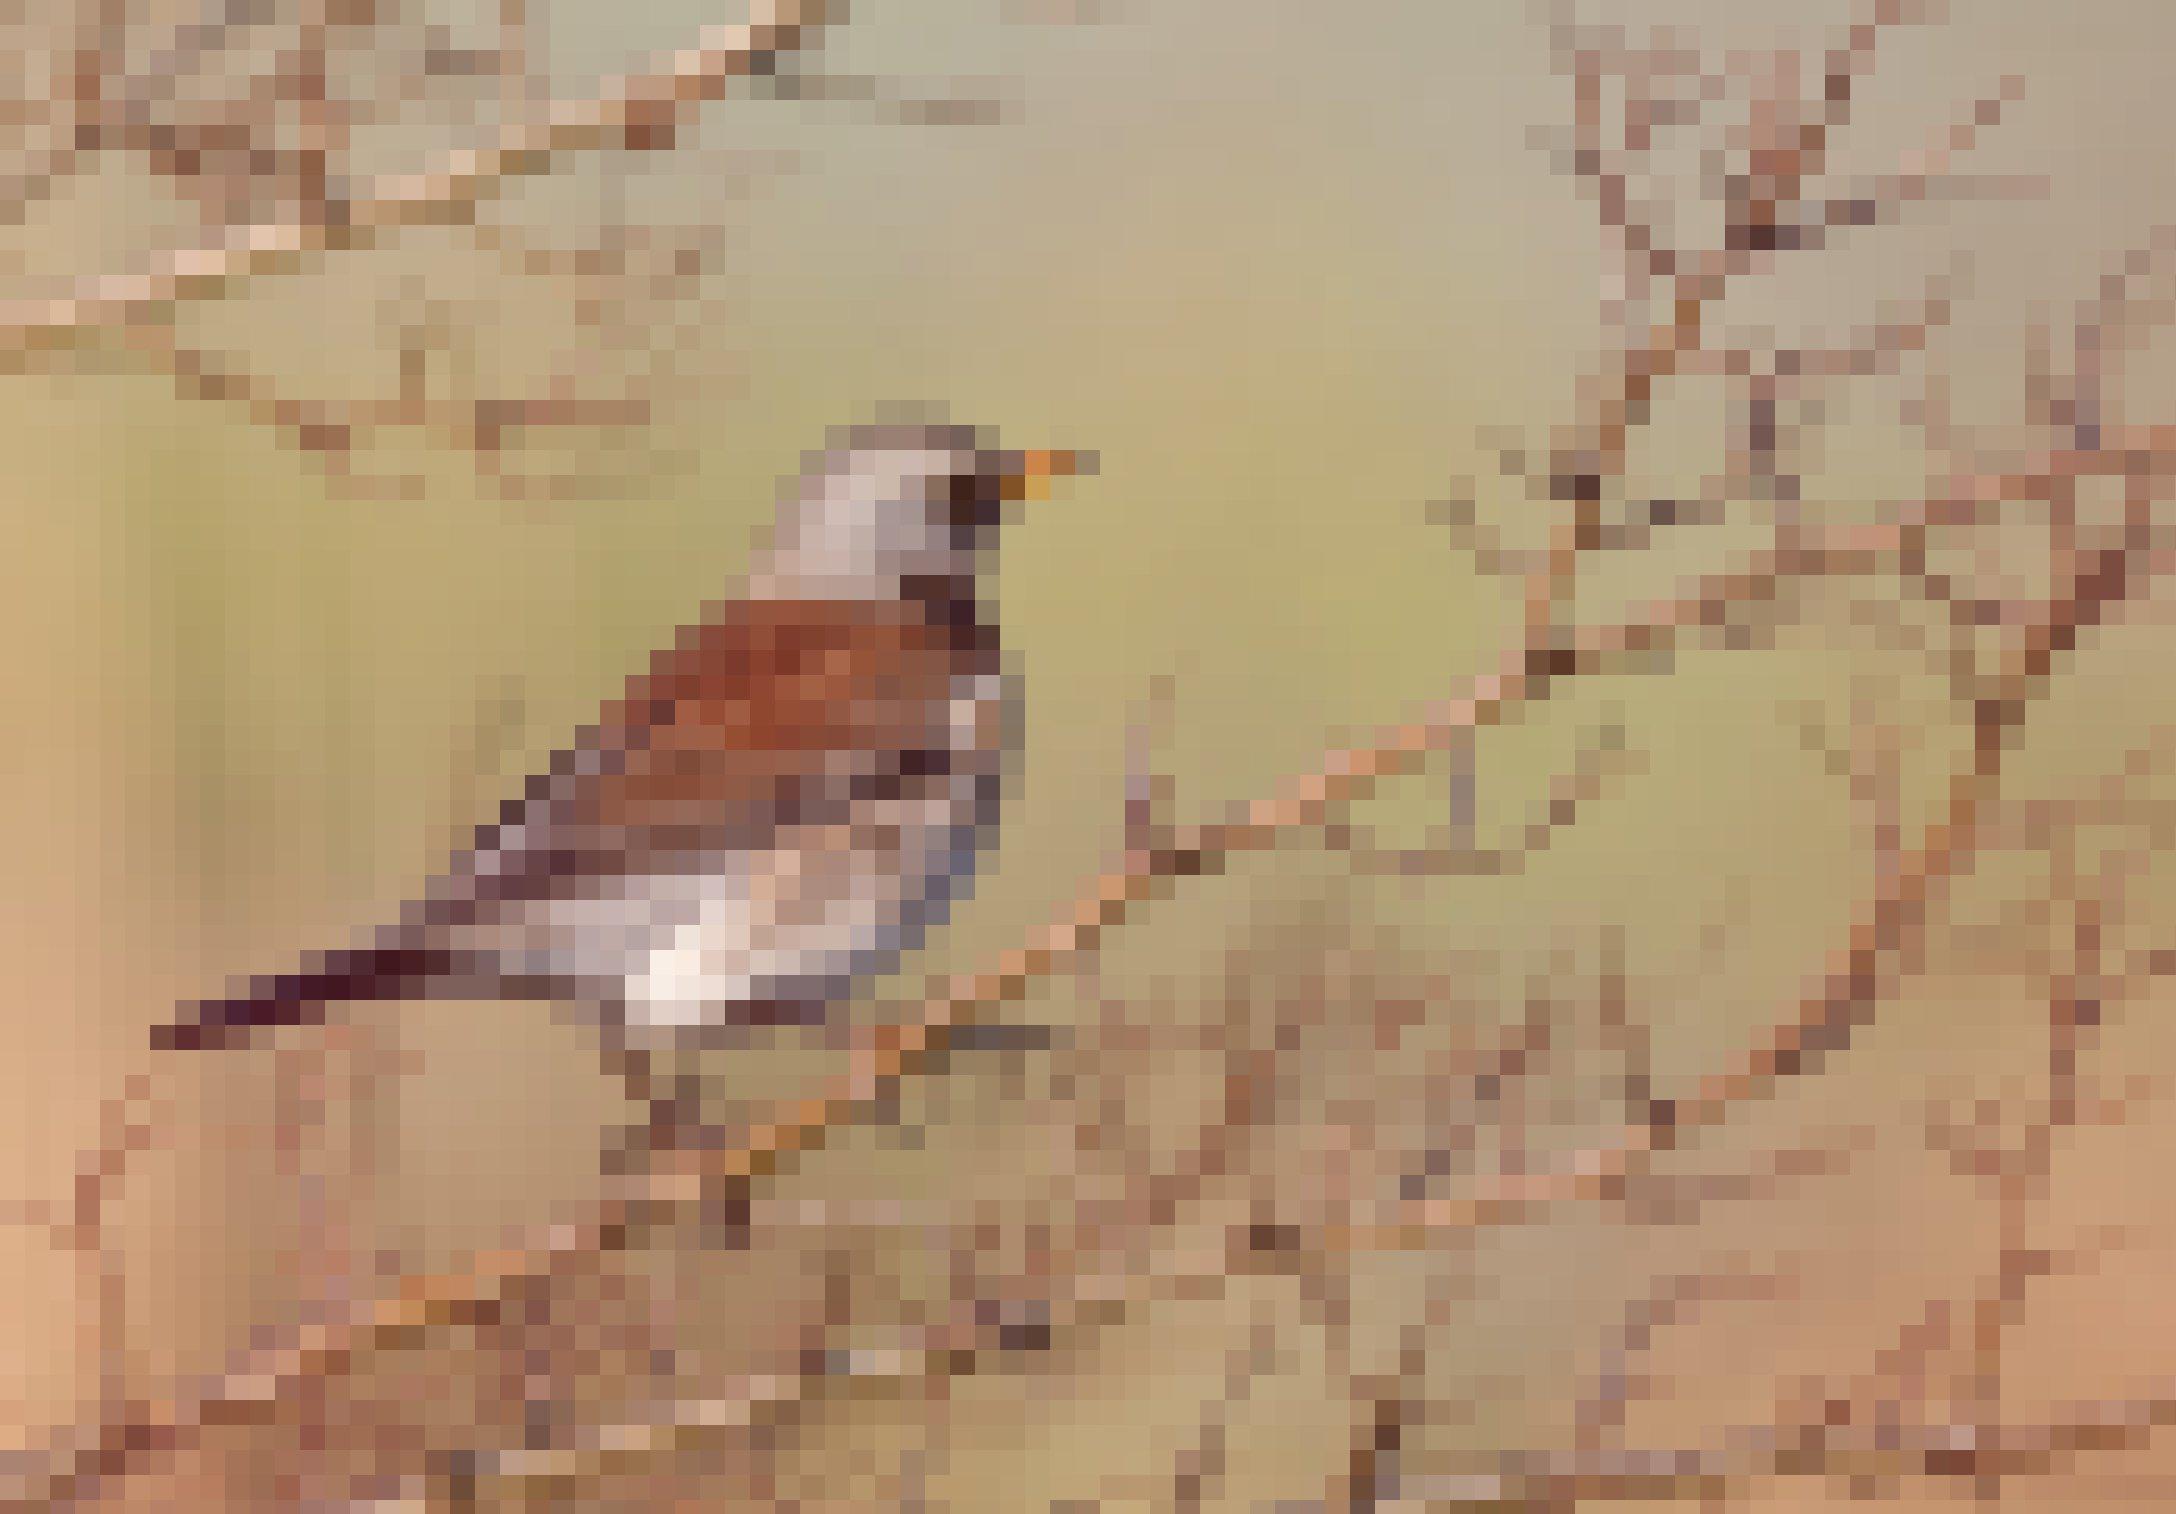 Ein Vogel mit grauem Kopf, gelbem Schnabel, braunen Flügeln und weißem Bauch mit braunen Schecken sitzt auf einem Zweig.